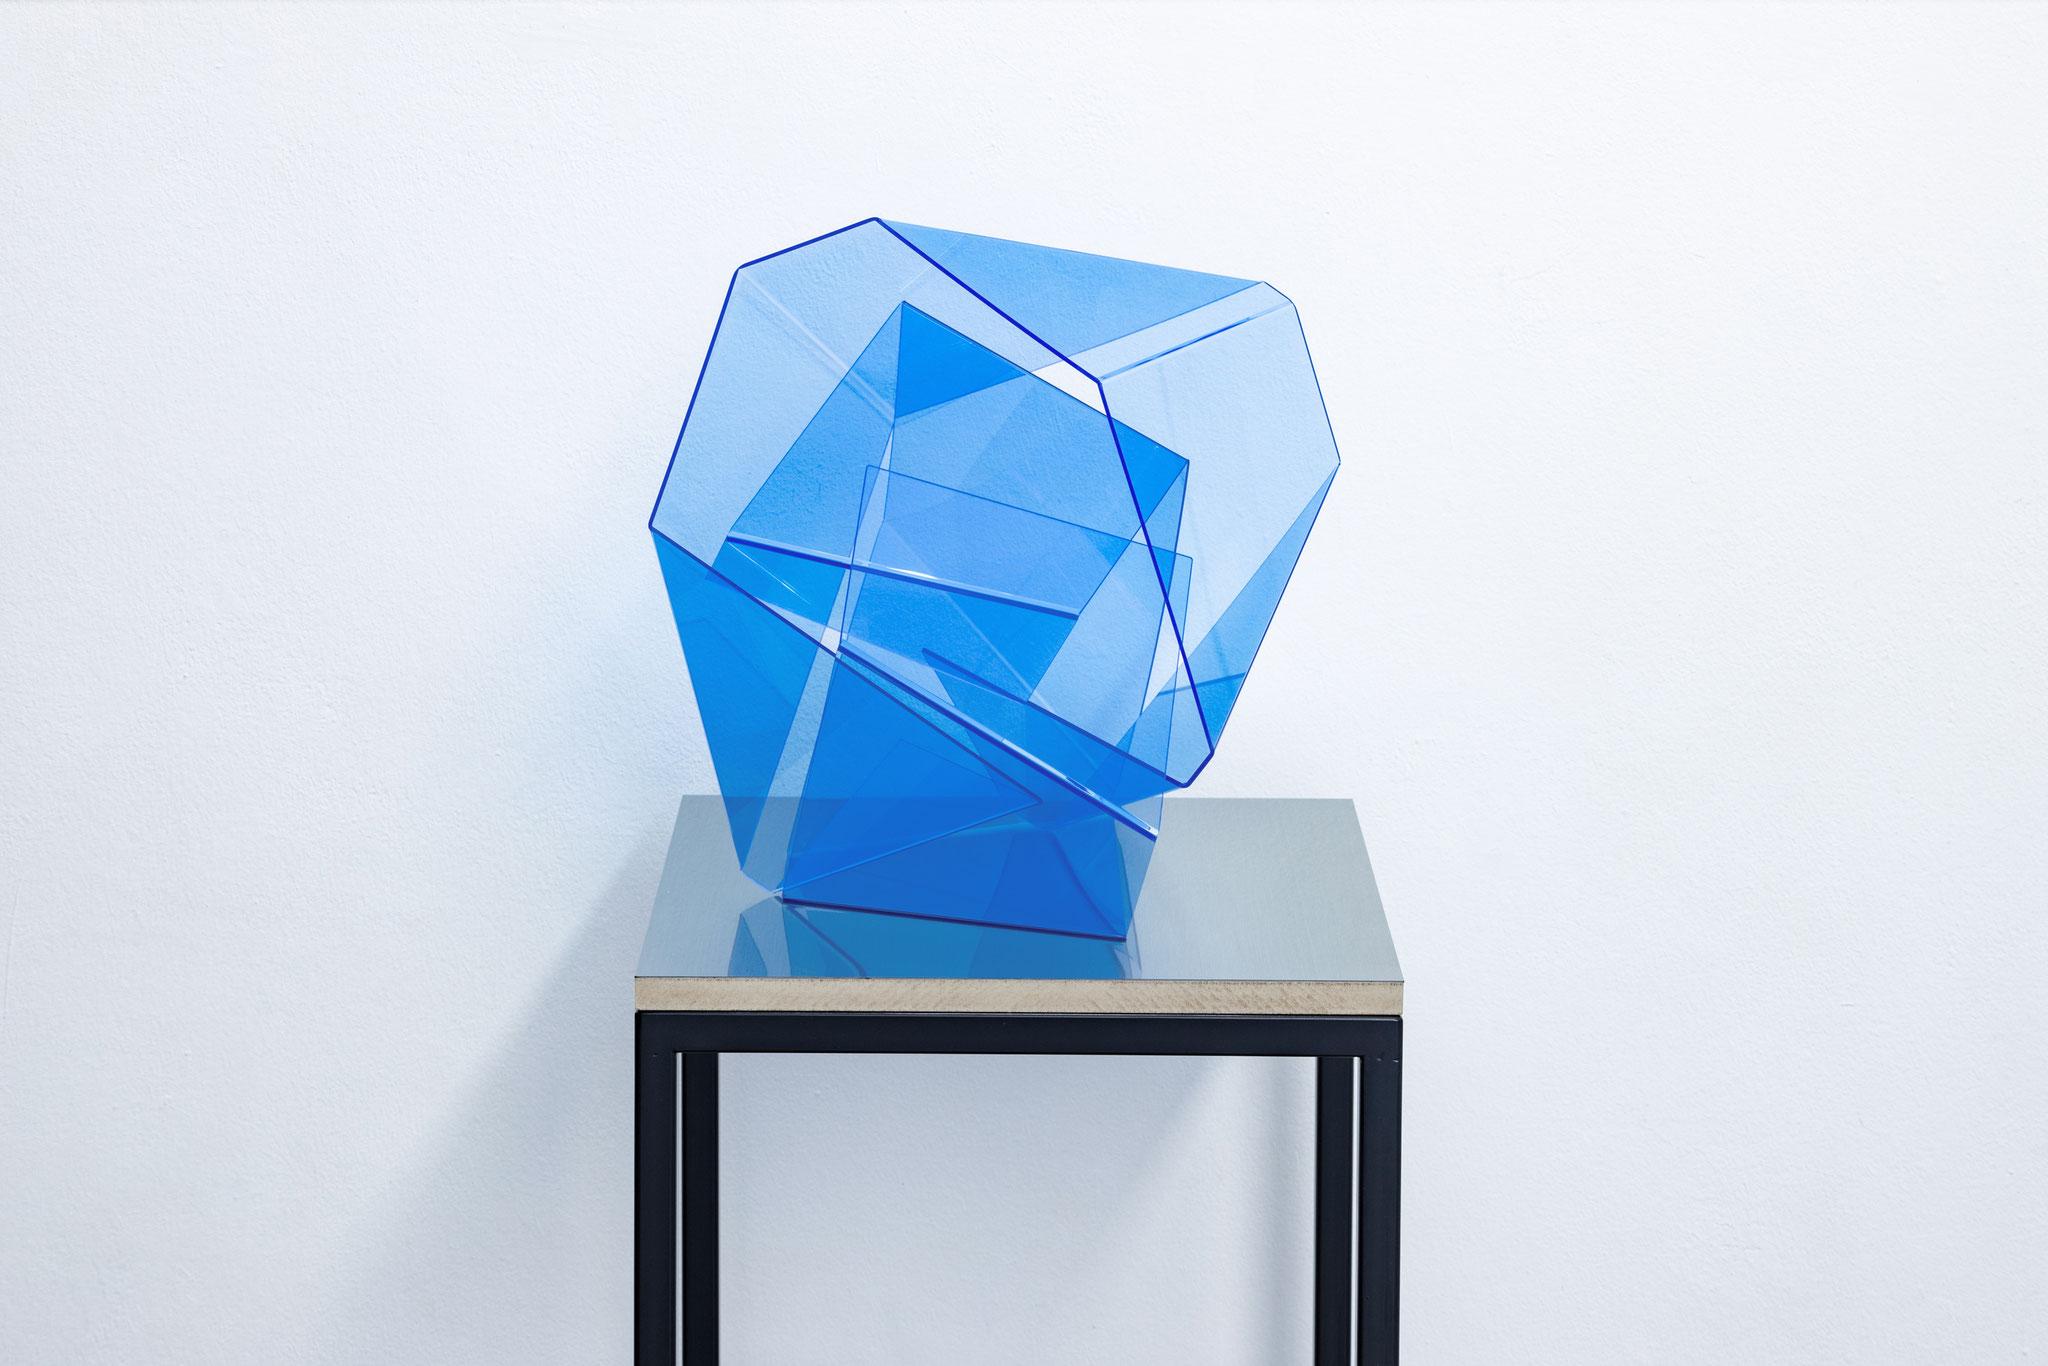 two folded pieces 08, 2020, floureszierendes Plexi, Stahl, 150 x 45 x 45 cm